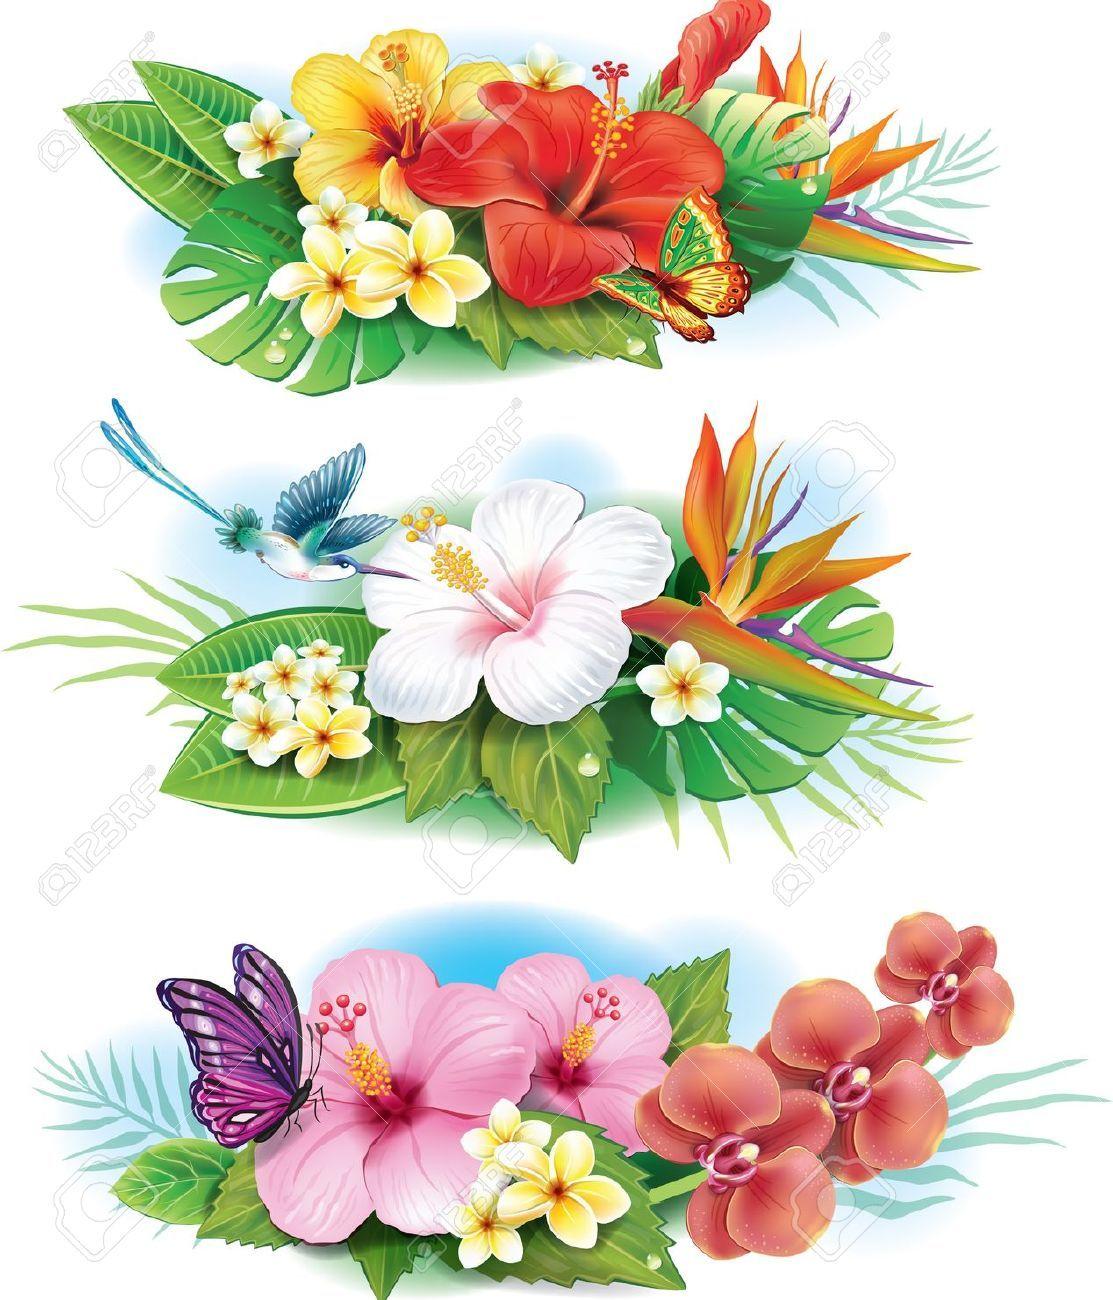 Arrangement de fleurs tropicales clip art libres de droits for Catalogue de fleurs